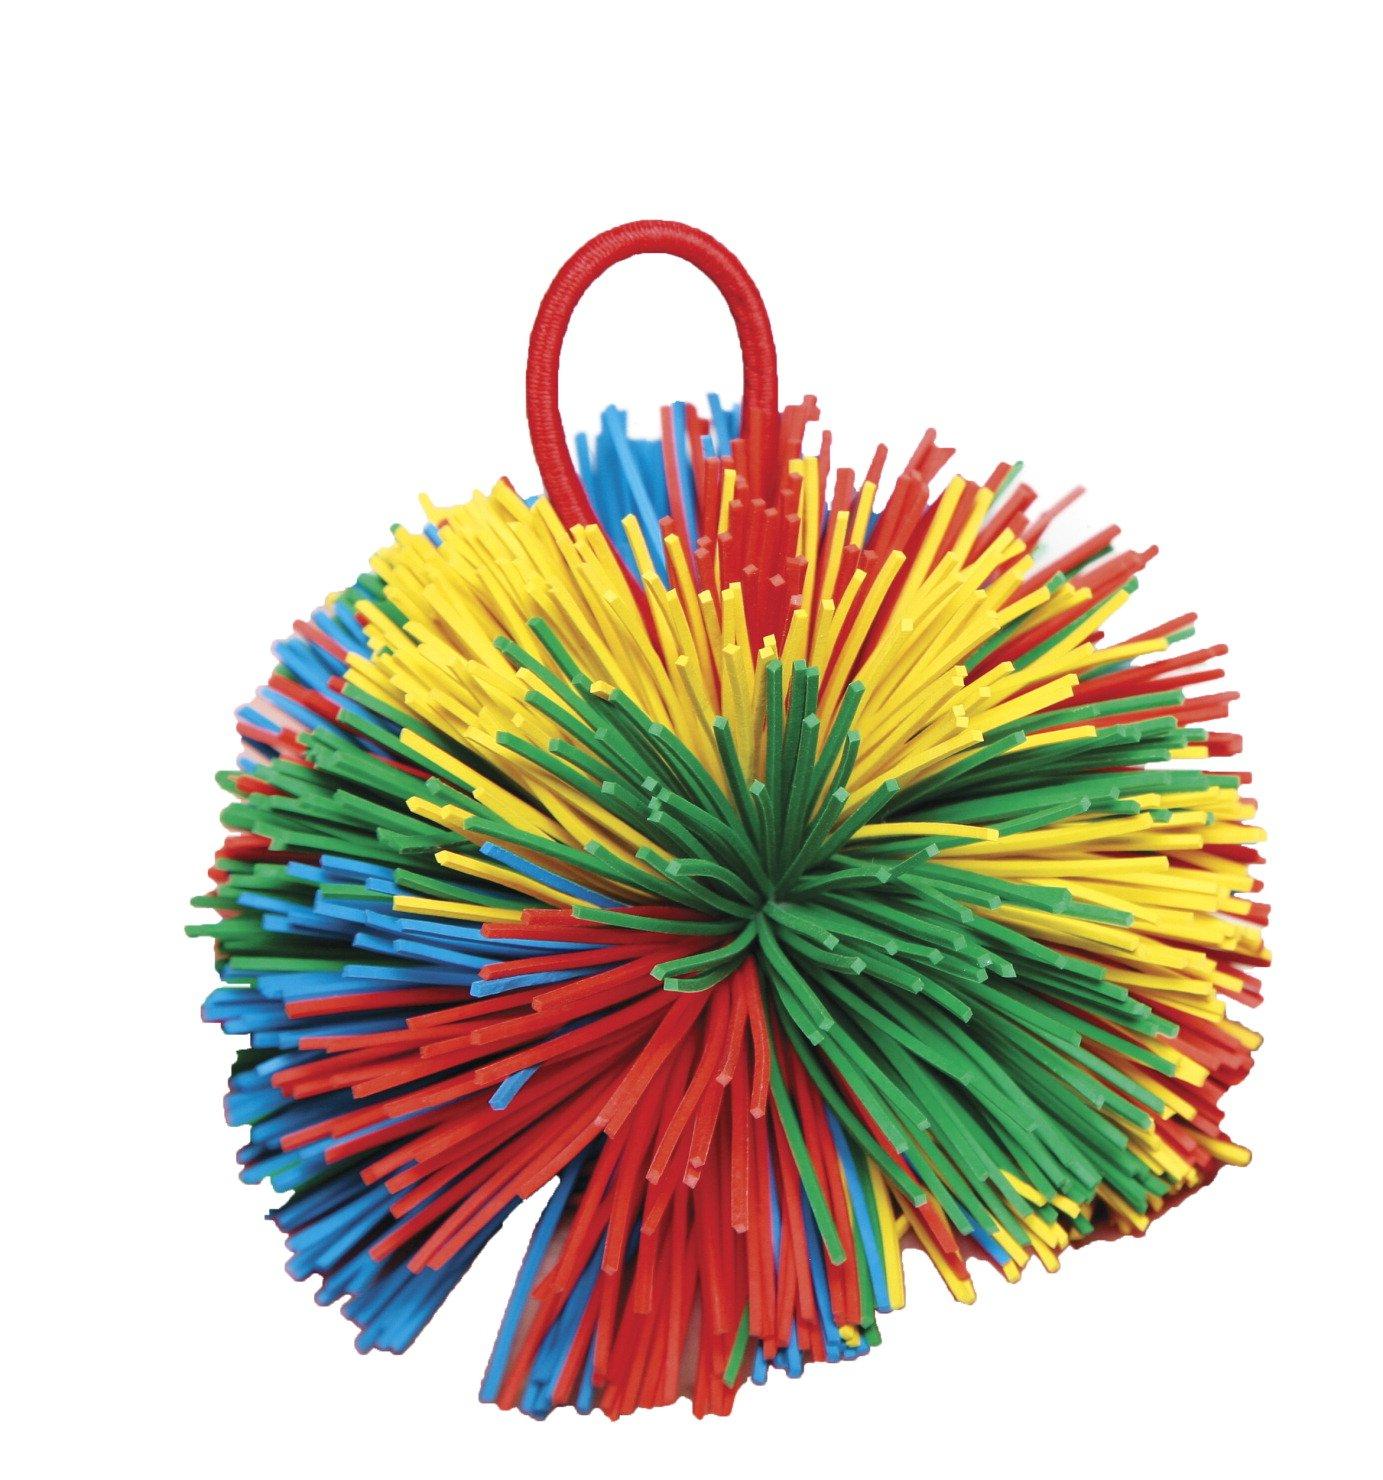 Sportime Rub R Pelota de cuerda, varios colores, diámetro de 10,16 ...